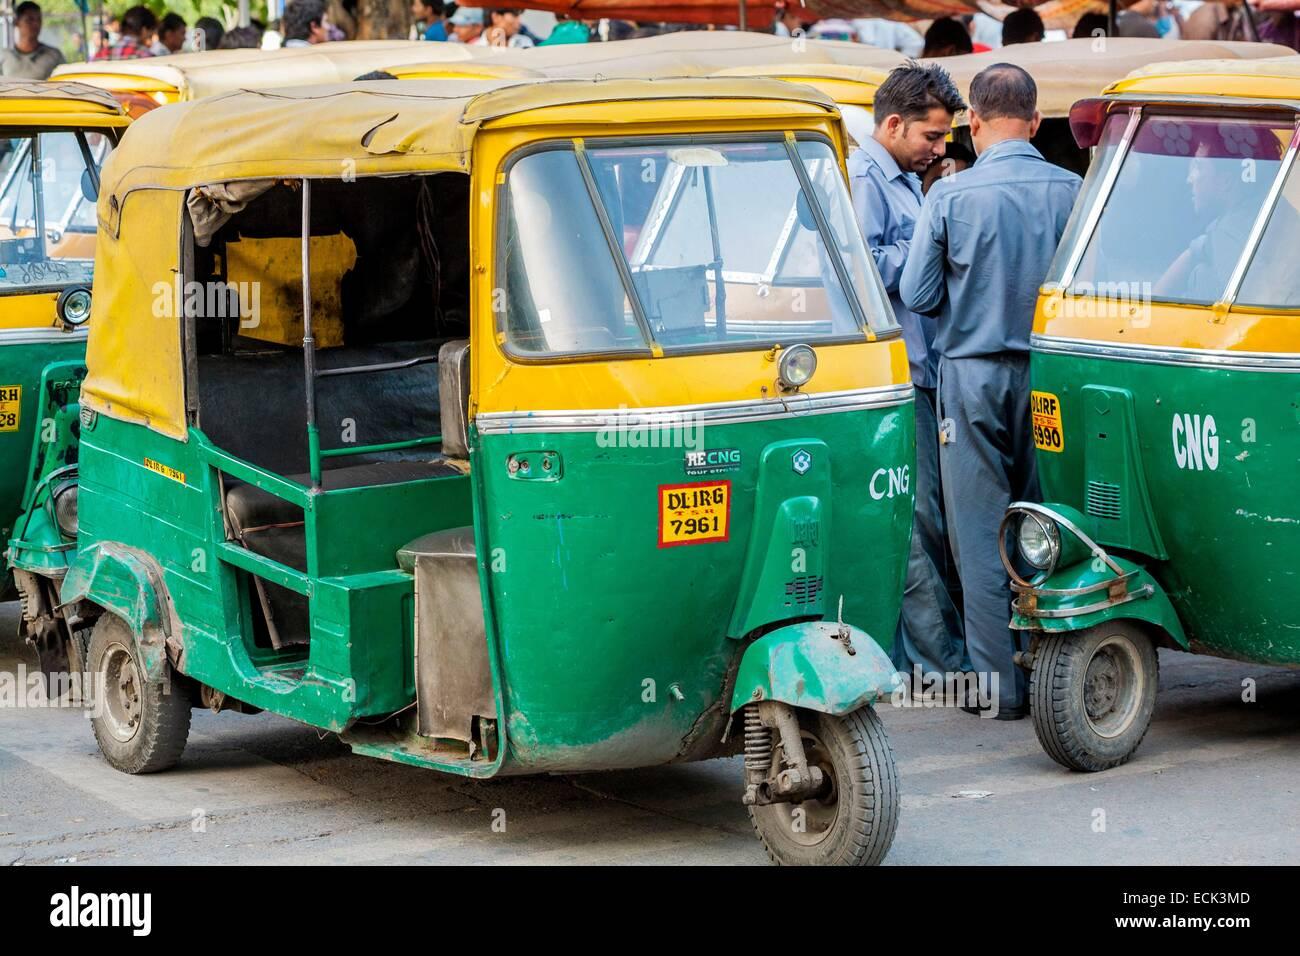 India, New Delhi, Connaught Place, motorized rickshaws - Stock Image